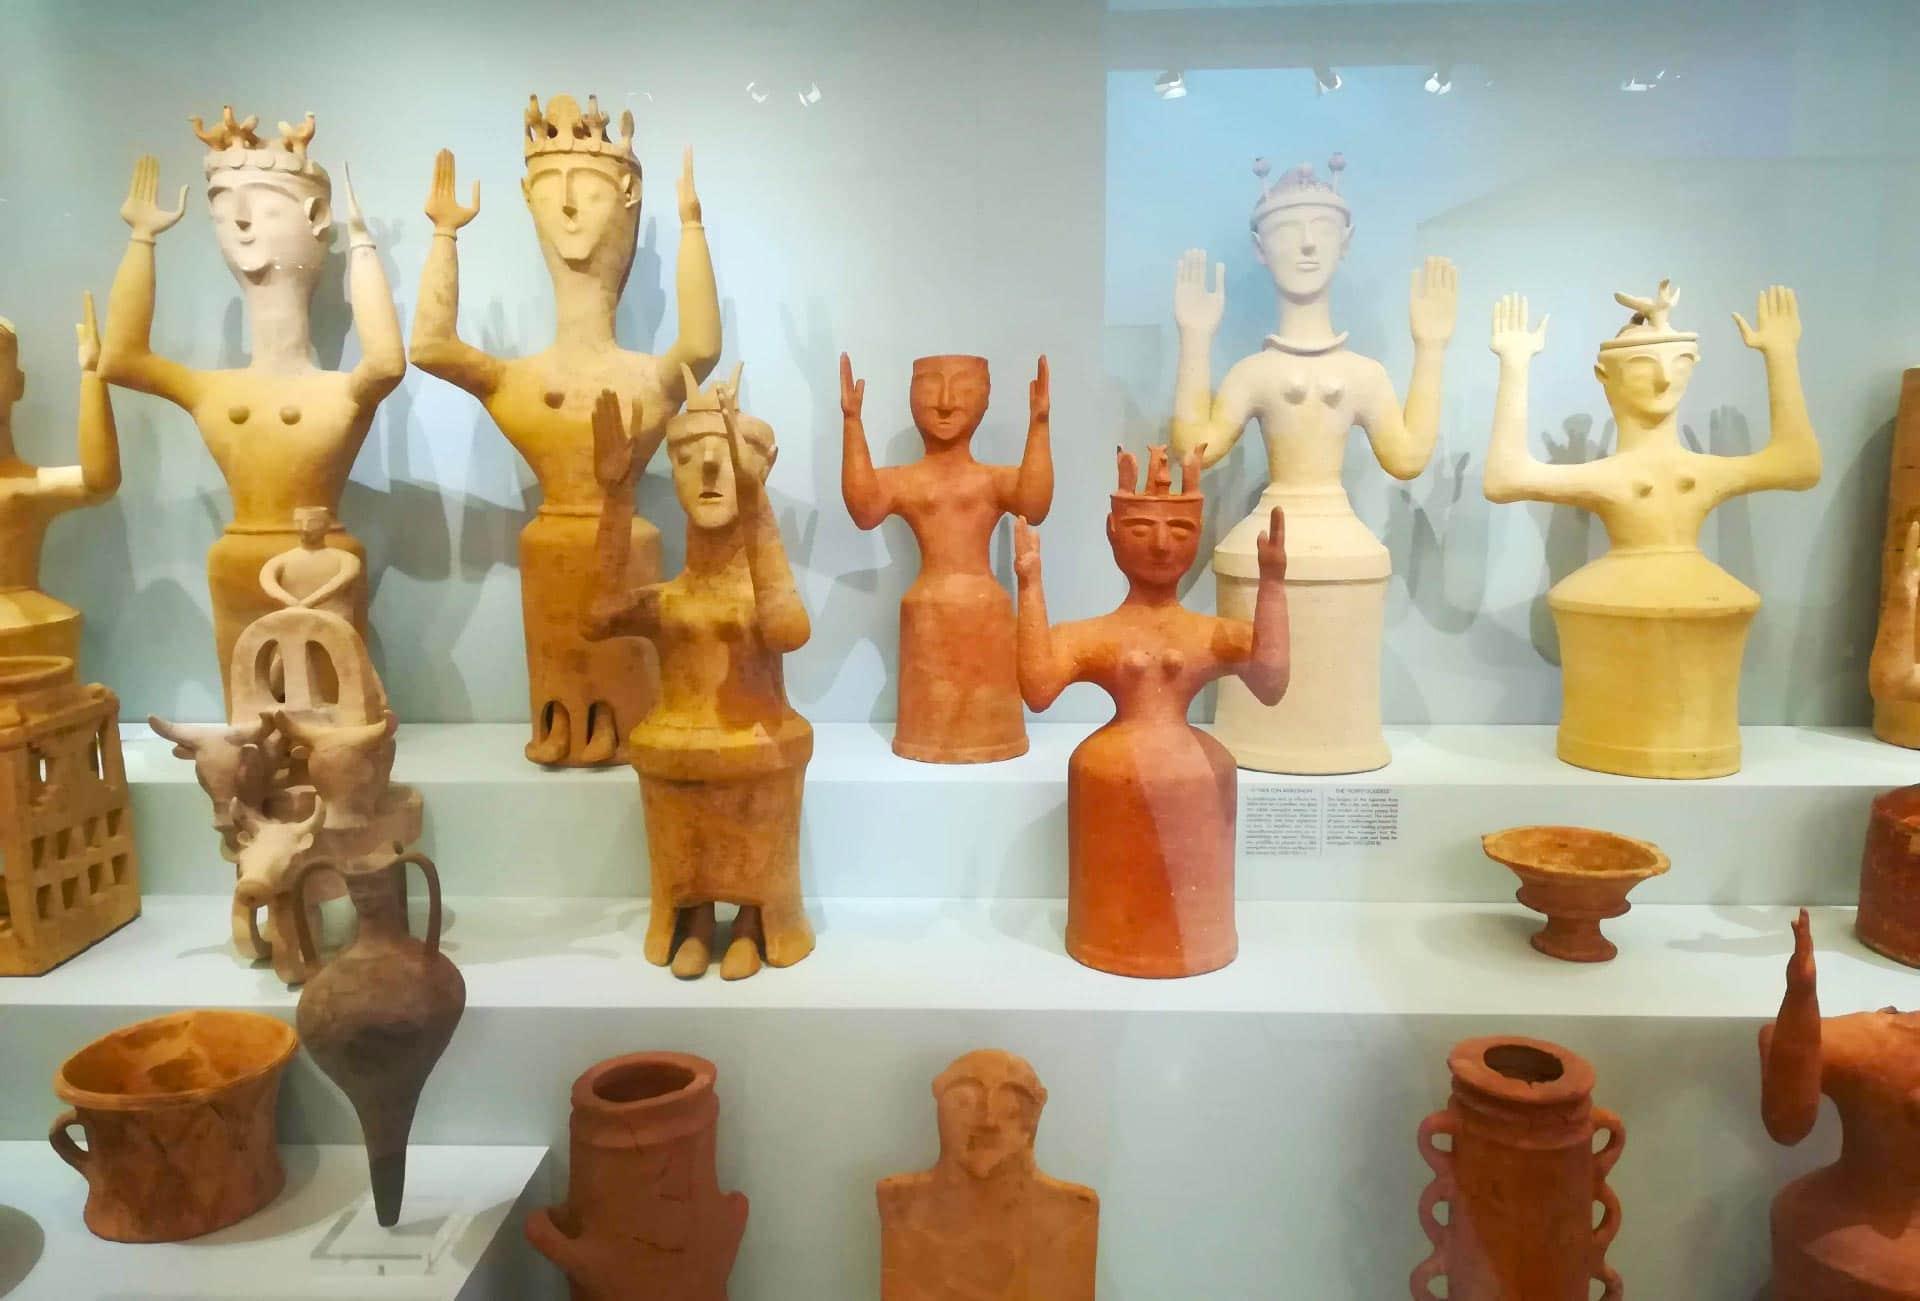 Statuine decorative conservate all'interno del Museo di Heraklion